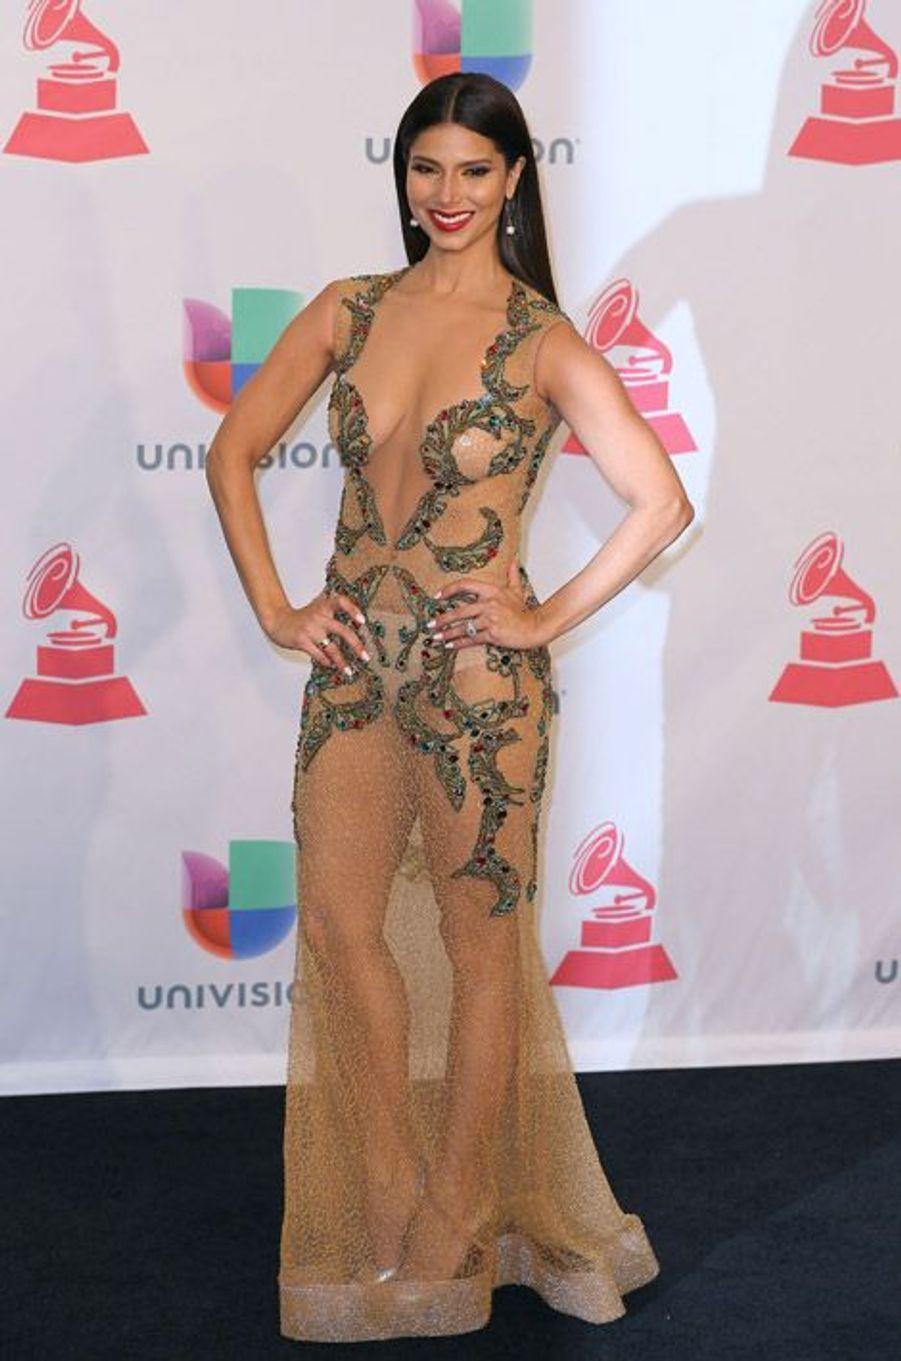 """L'actrice Roselyn Sanchez de la série """"Devious Maids"""" lors de la cérémonie des Latin Grammy Awards à Las Vegas, le 20 novembre 2014"""